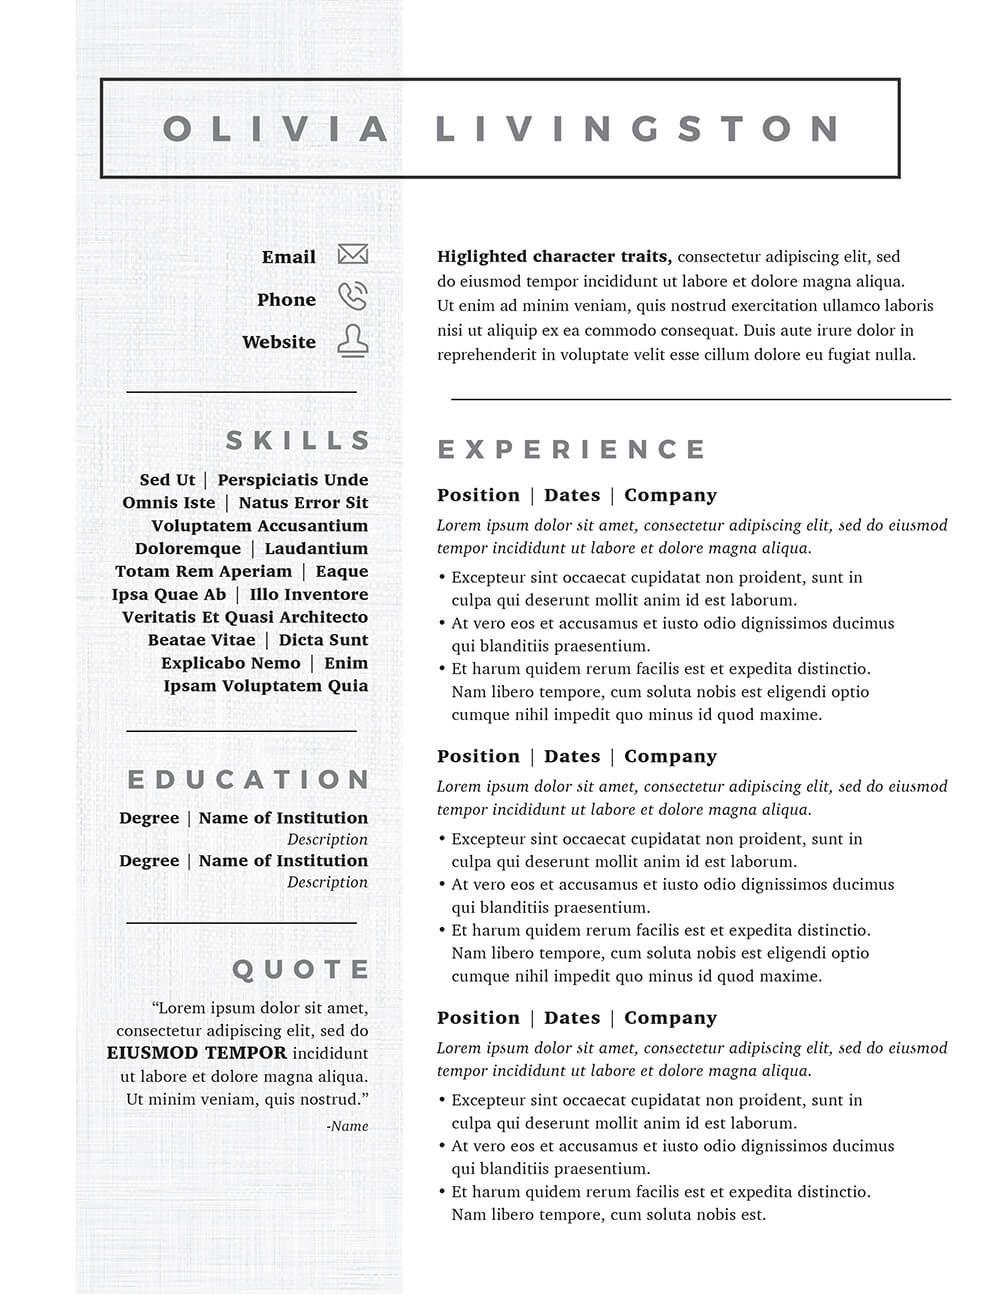 Resume Templates Kickass ResumeTemplates